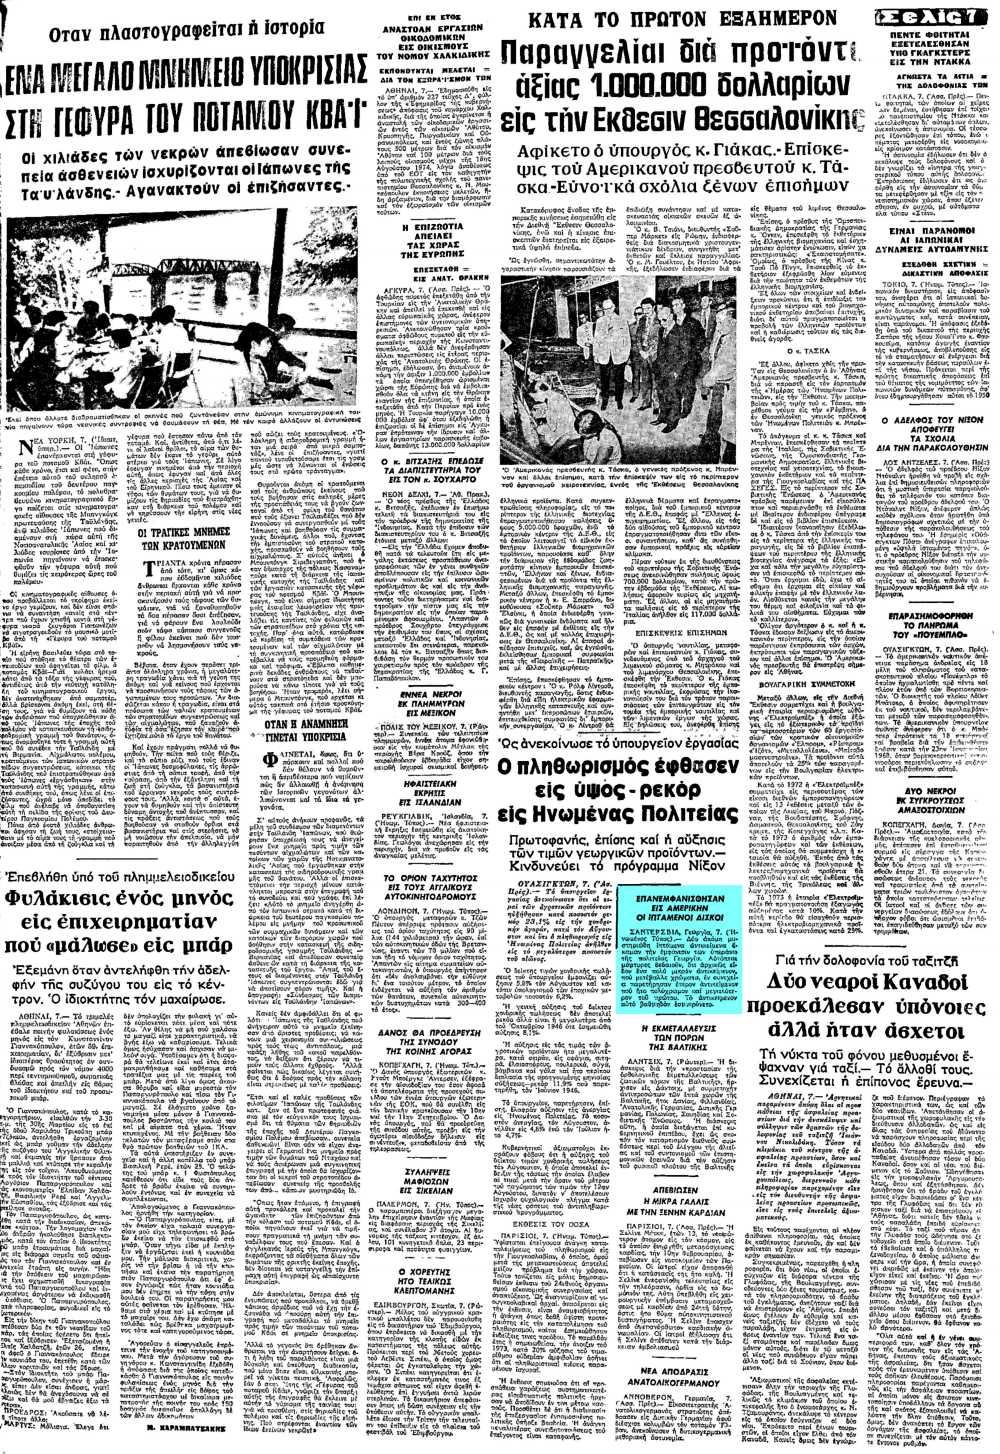 """Το άρθρο, όπως δημοσιεύθηκε στην εφημερίδα """"ΜΑΚΕΔΟΝΙΑ"""", στις 08/09/1973"""